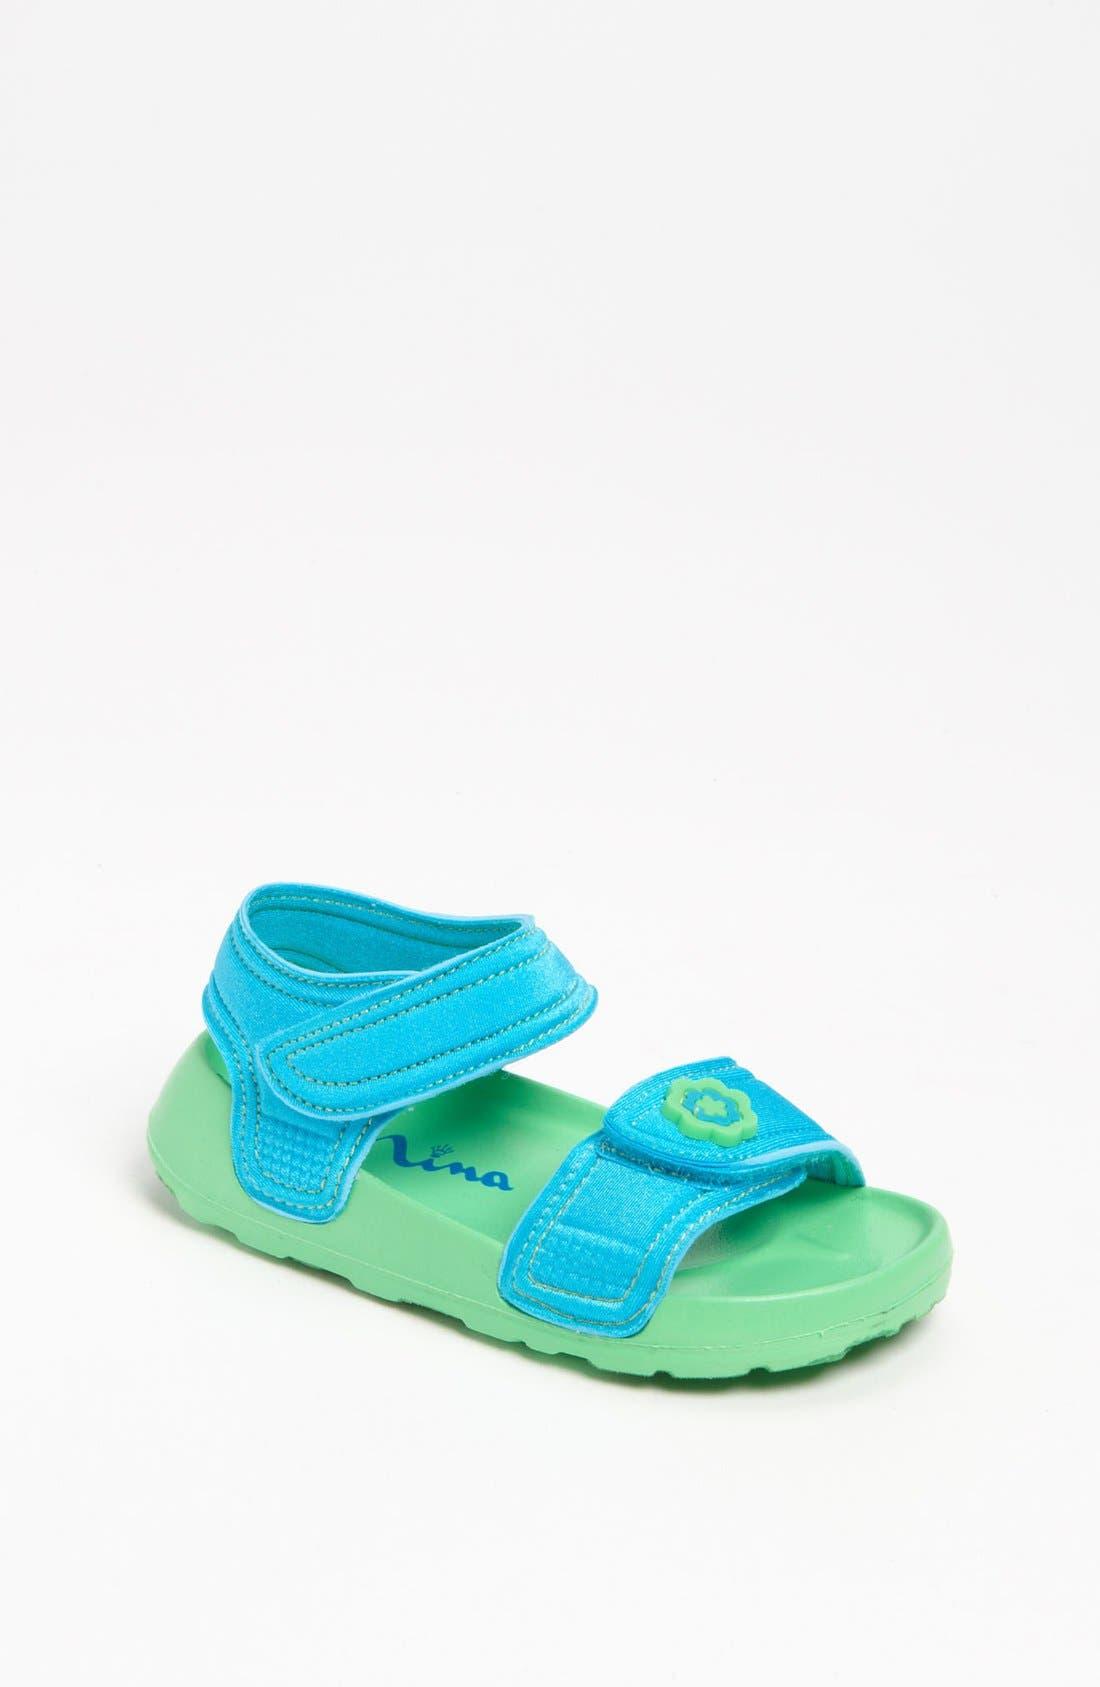 Main Image - Nina 'Delite2' Neoprene Sandal (Walker & Toddler)